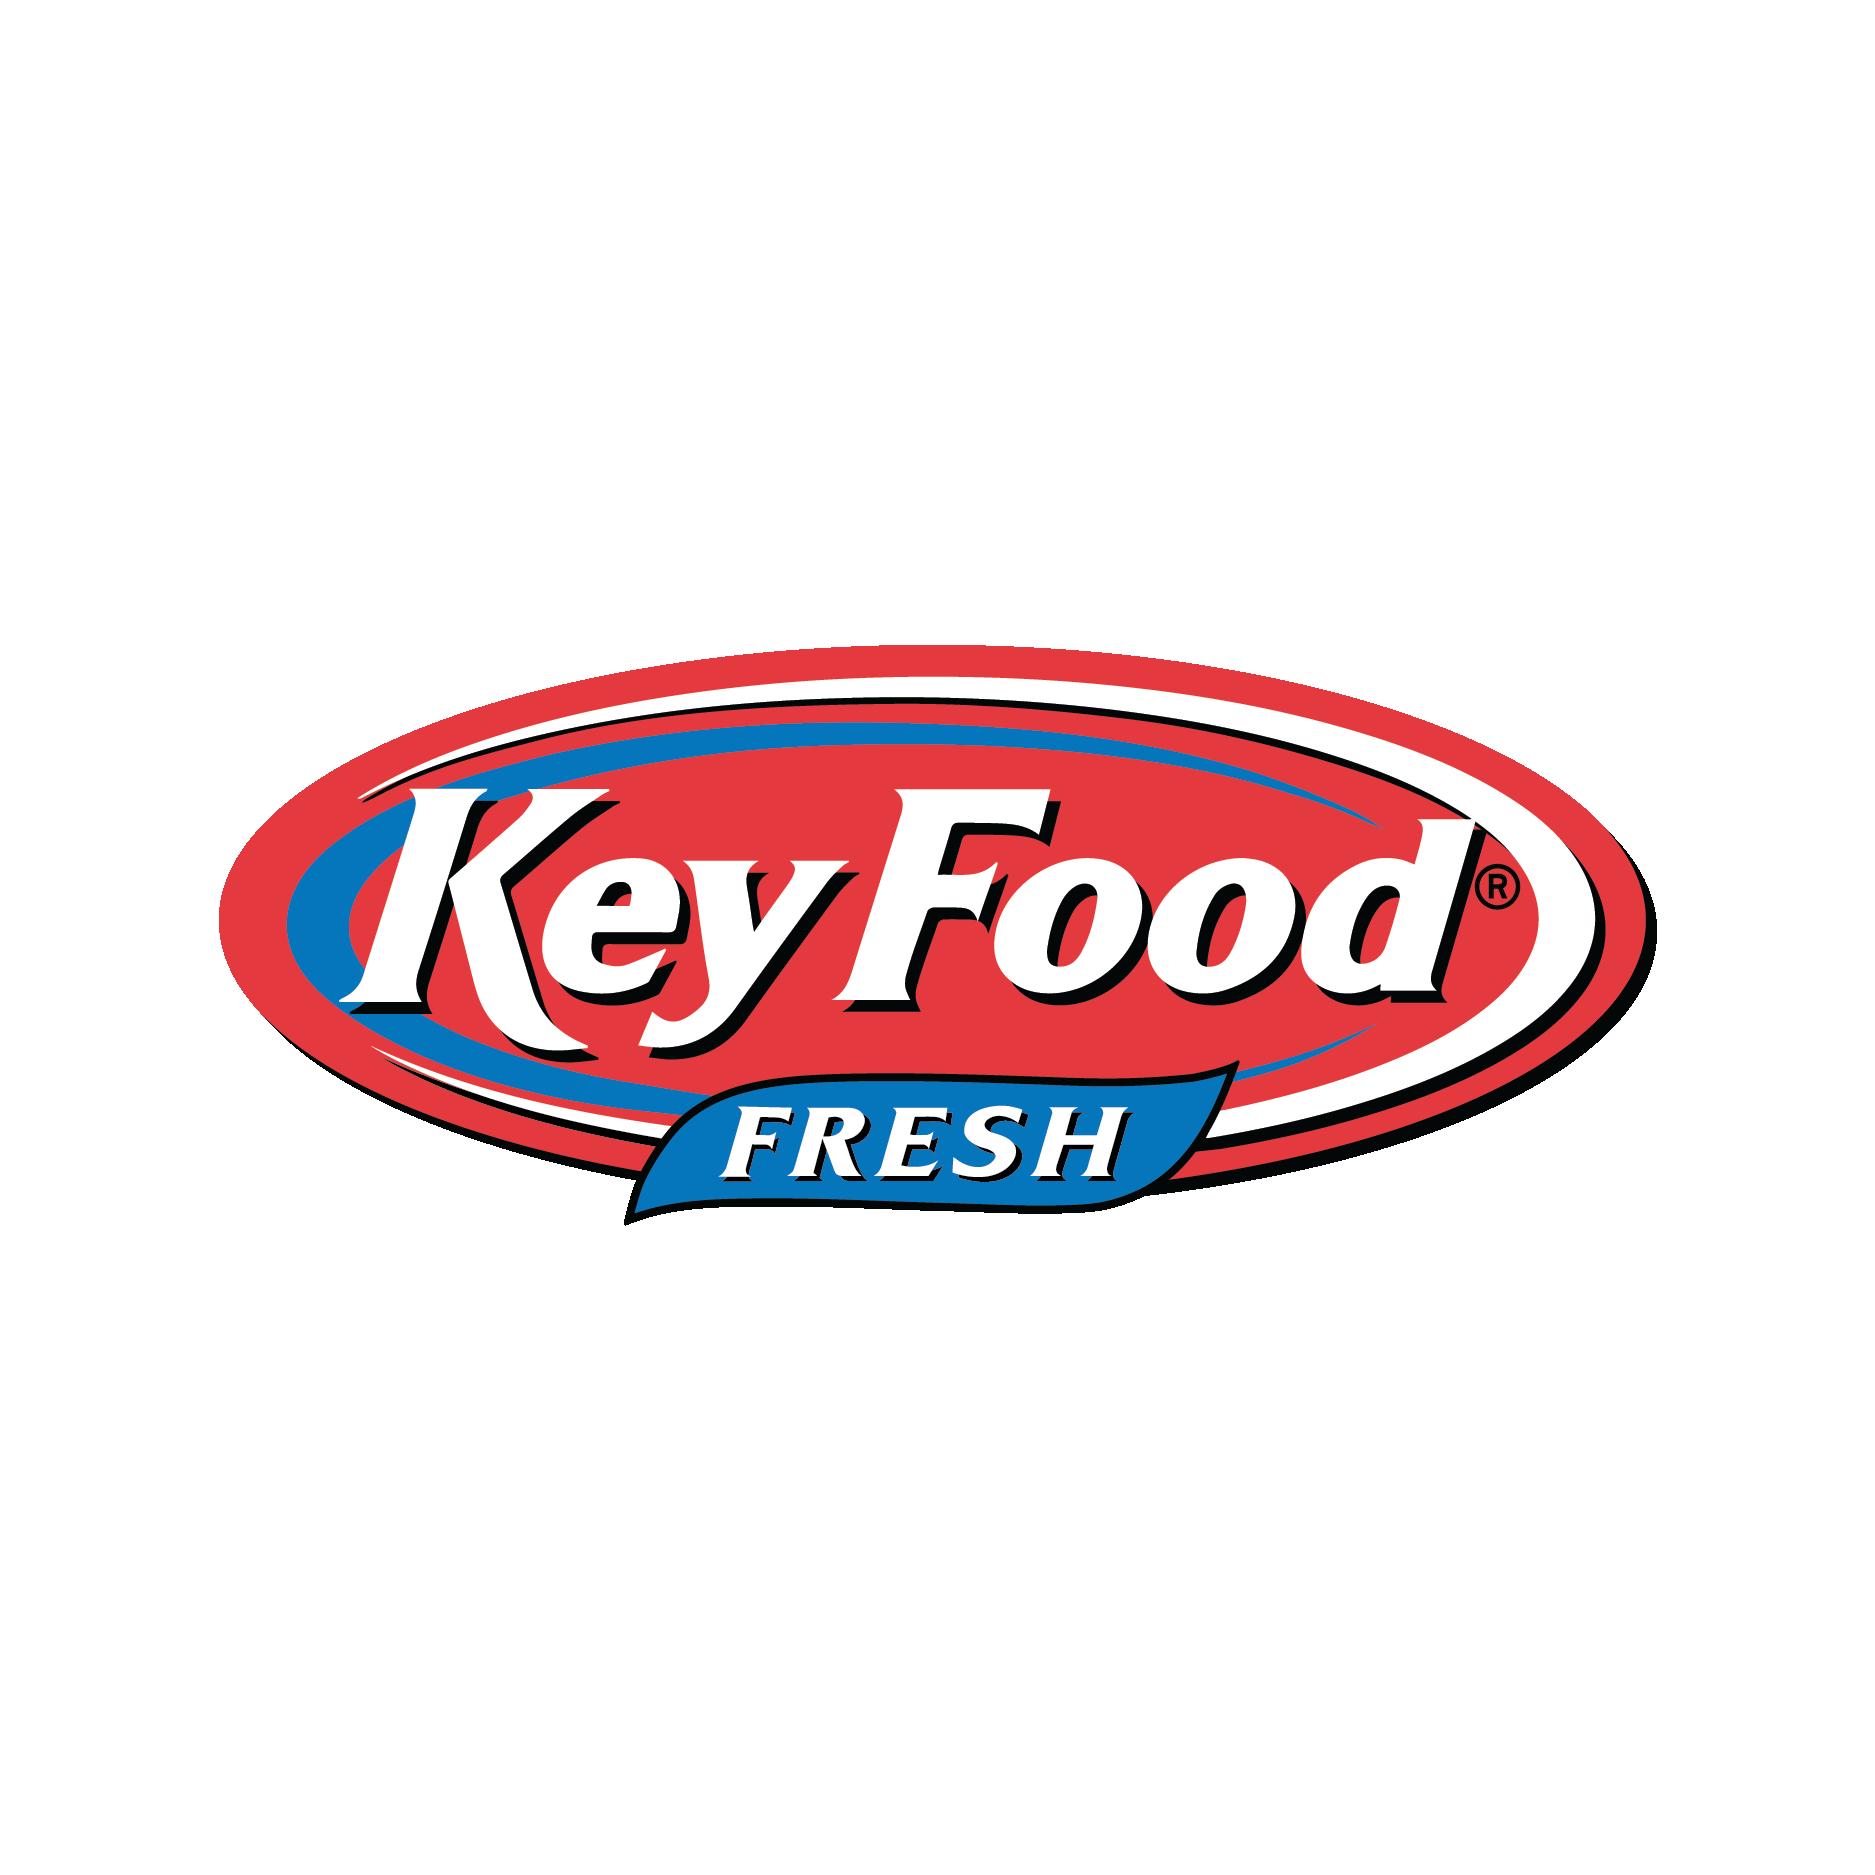 Key Food Hollywood logo